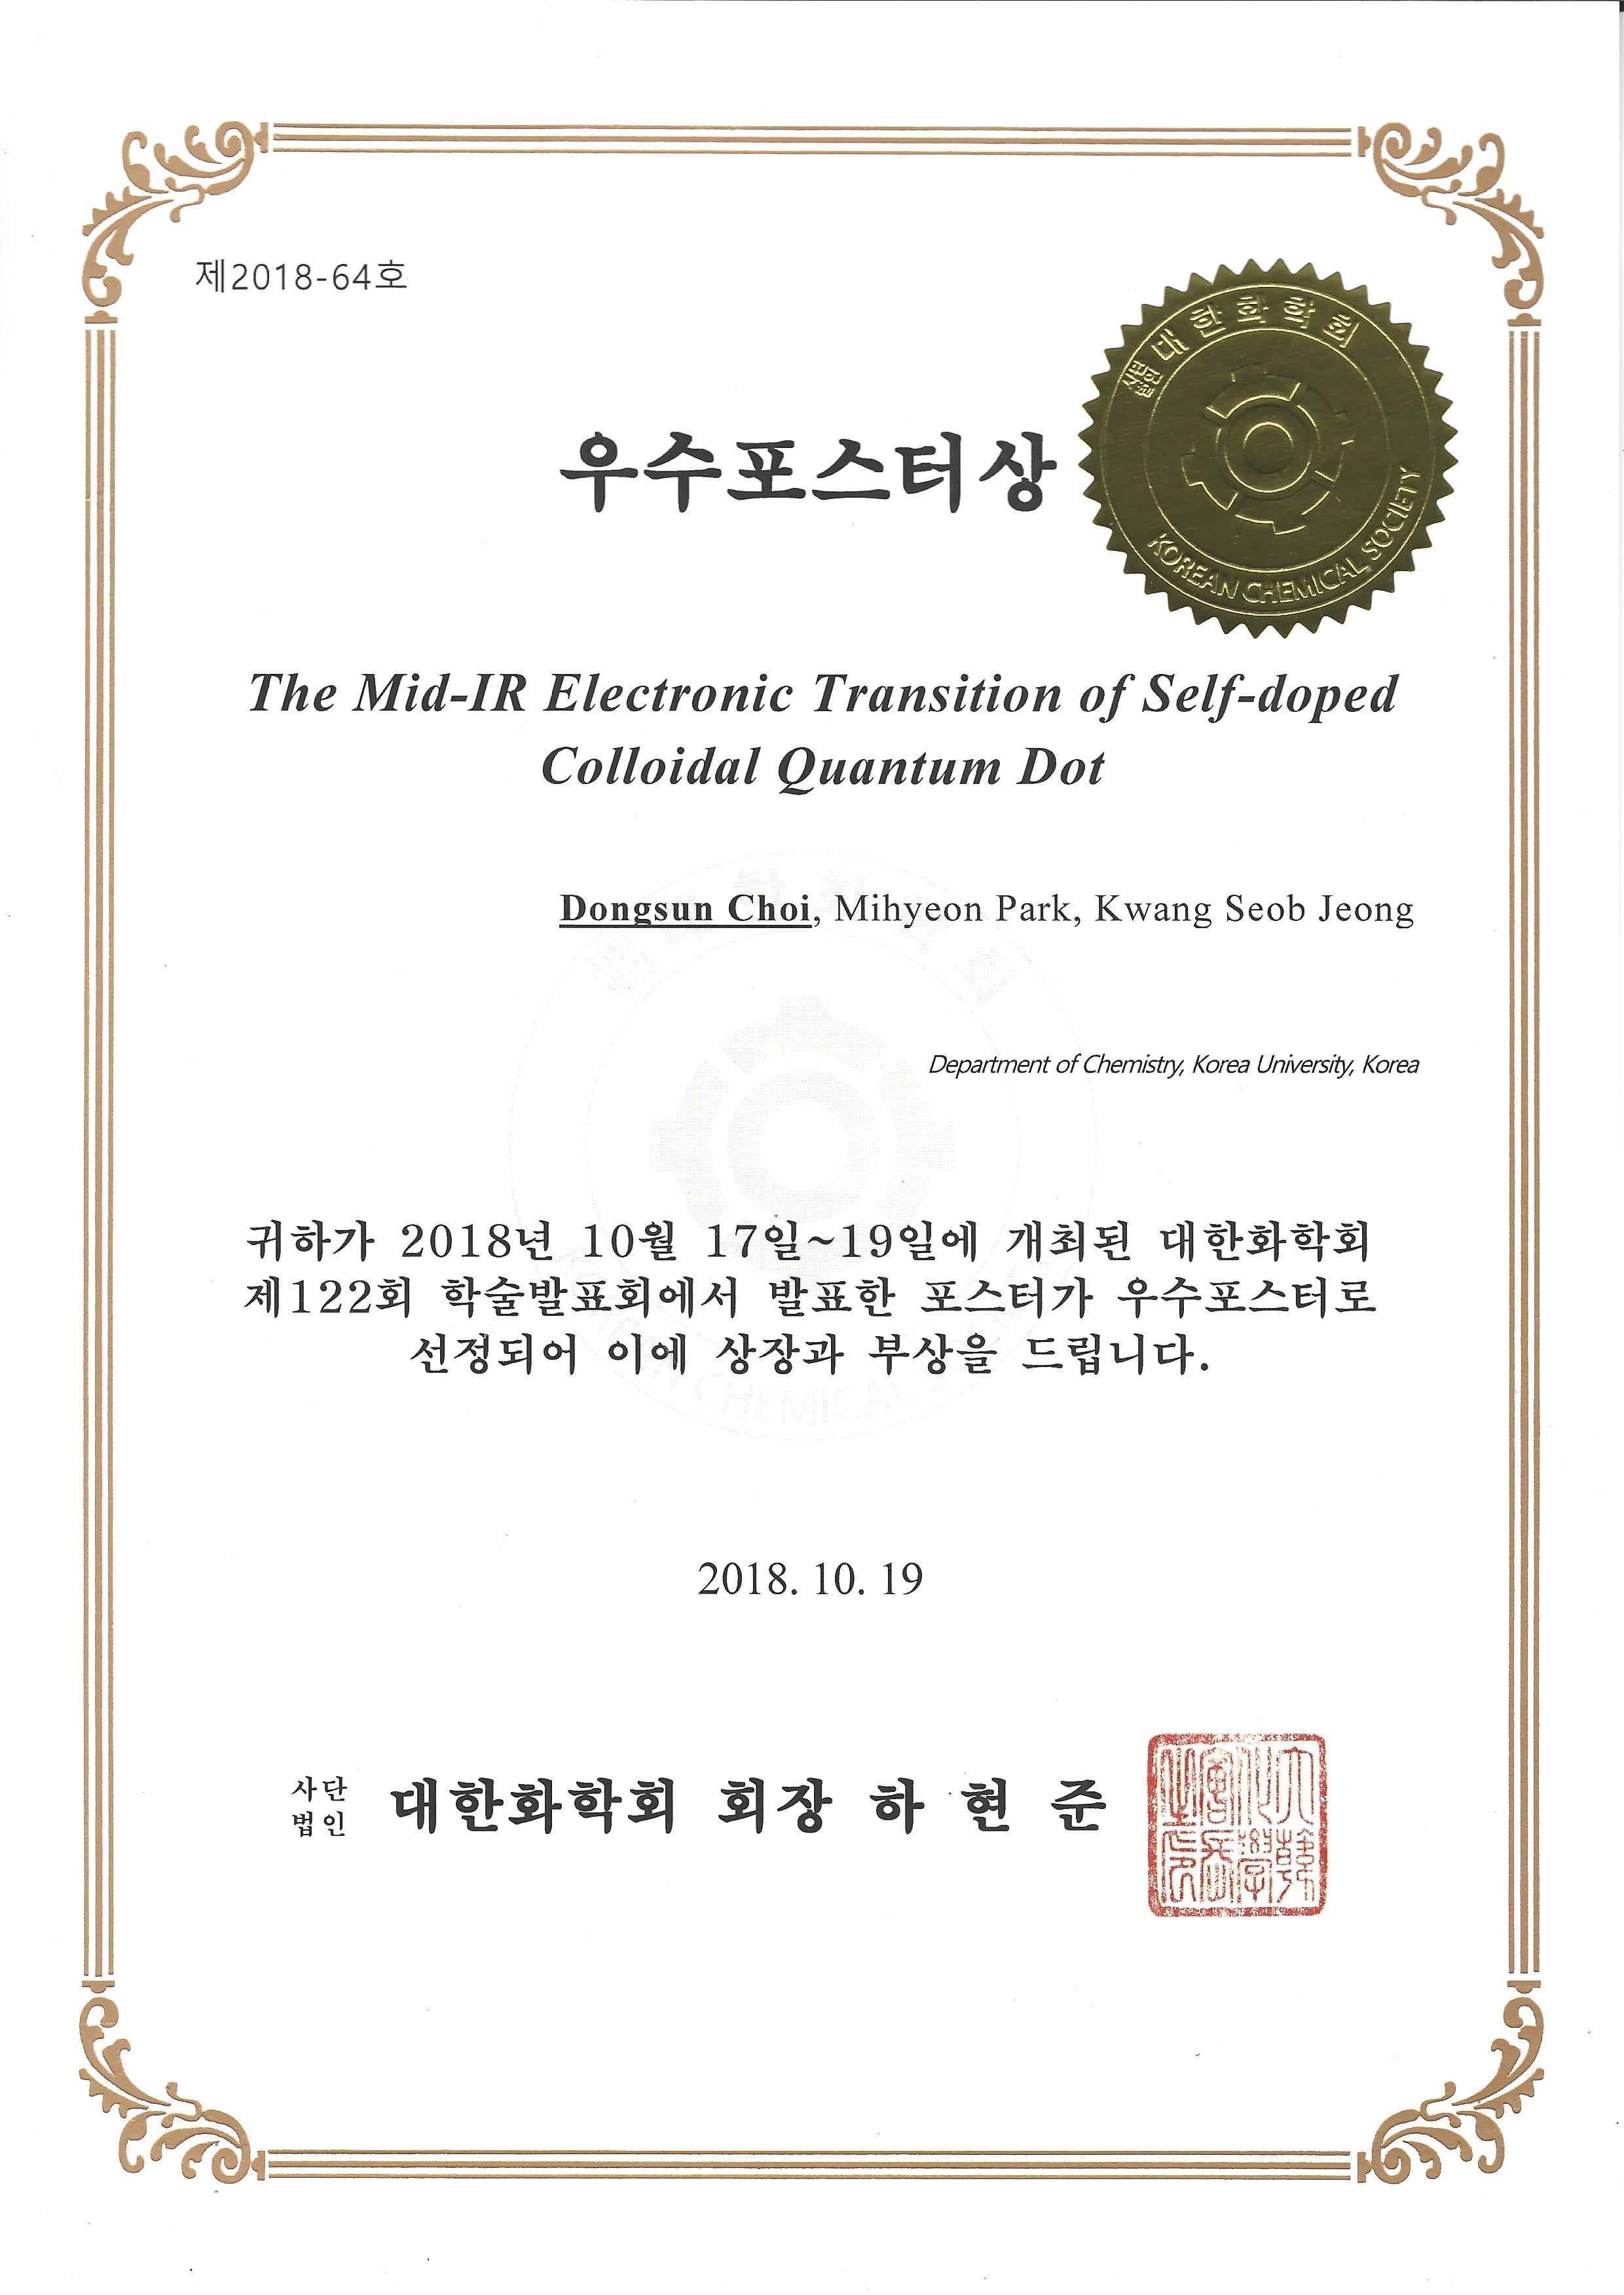 제122회 대한화학회 추계_우수포스터상_최동선_KSJ.jpg